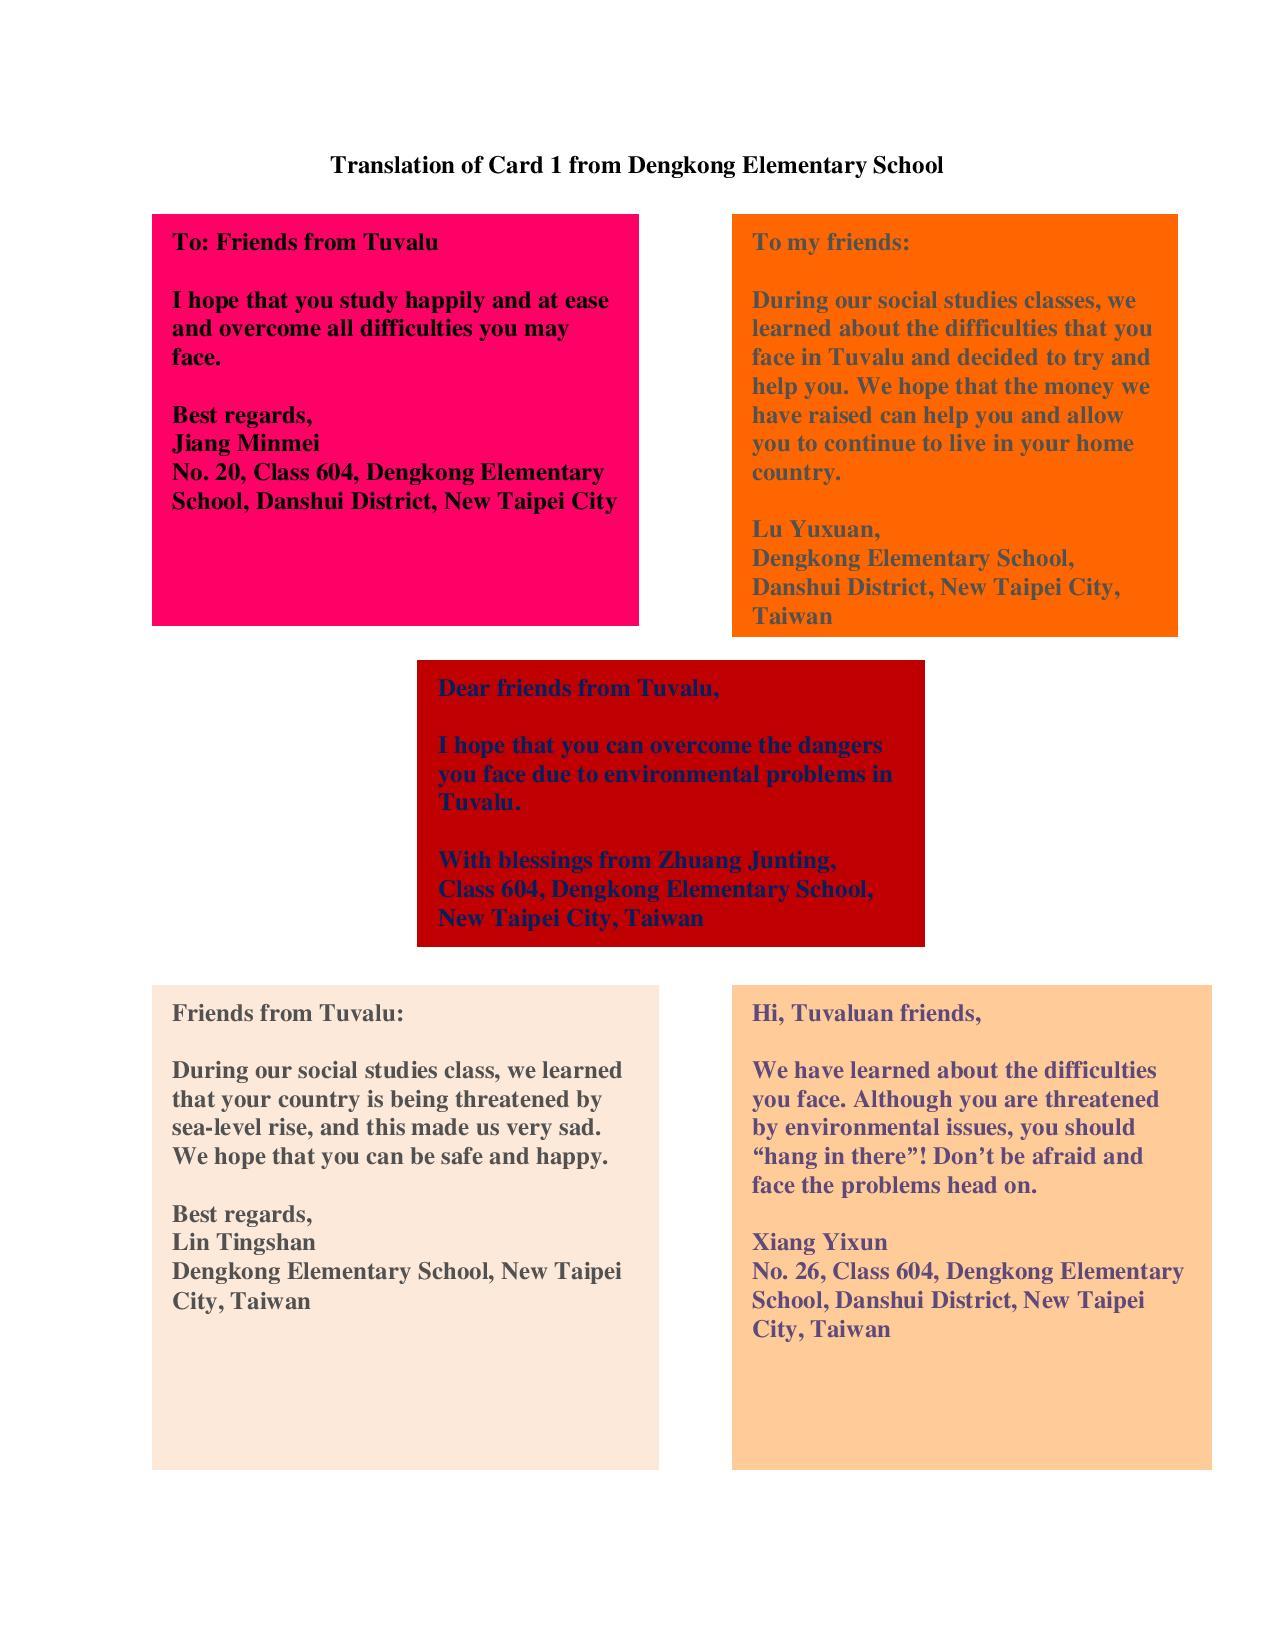 鄧公翻譯2015 0601st Translations of Cards from Dengkong Elementary School-page-010 (1).jpg